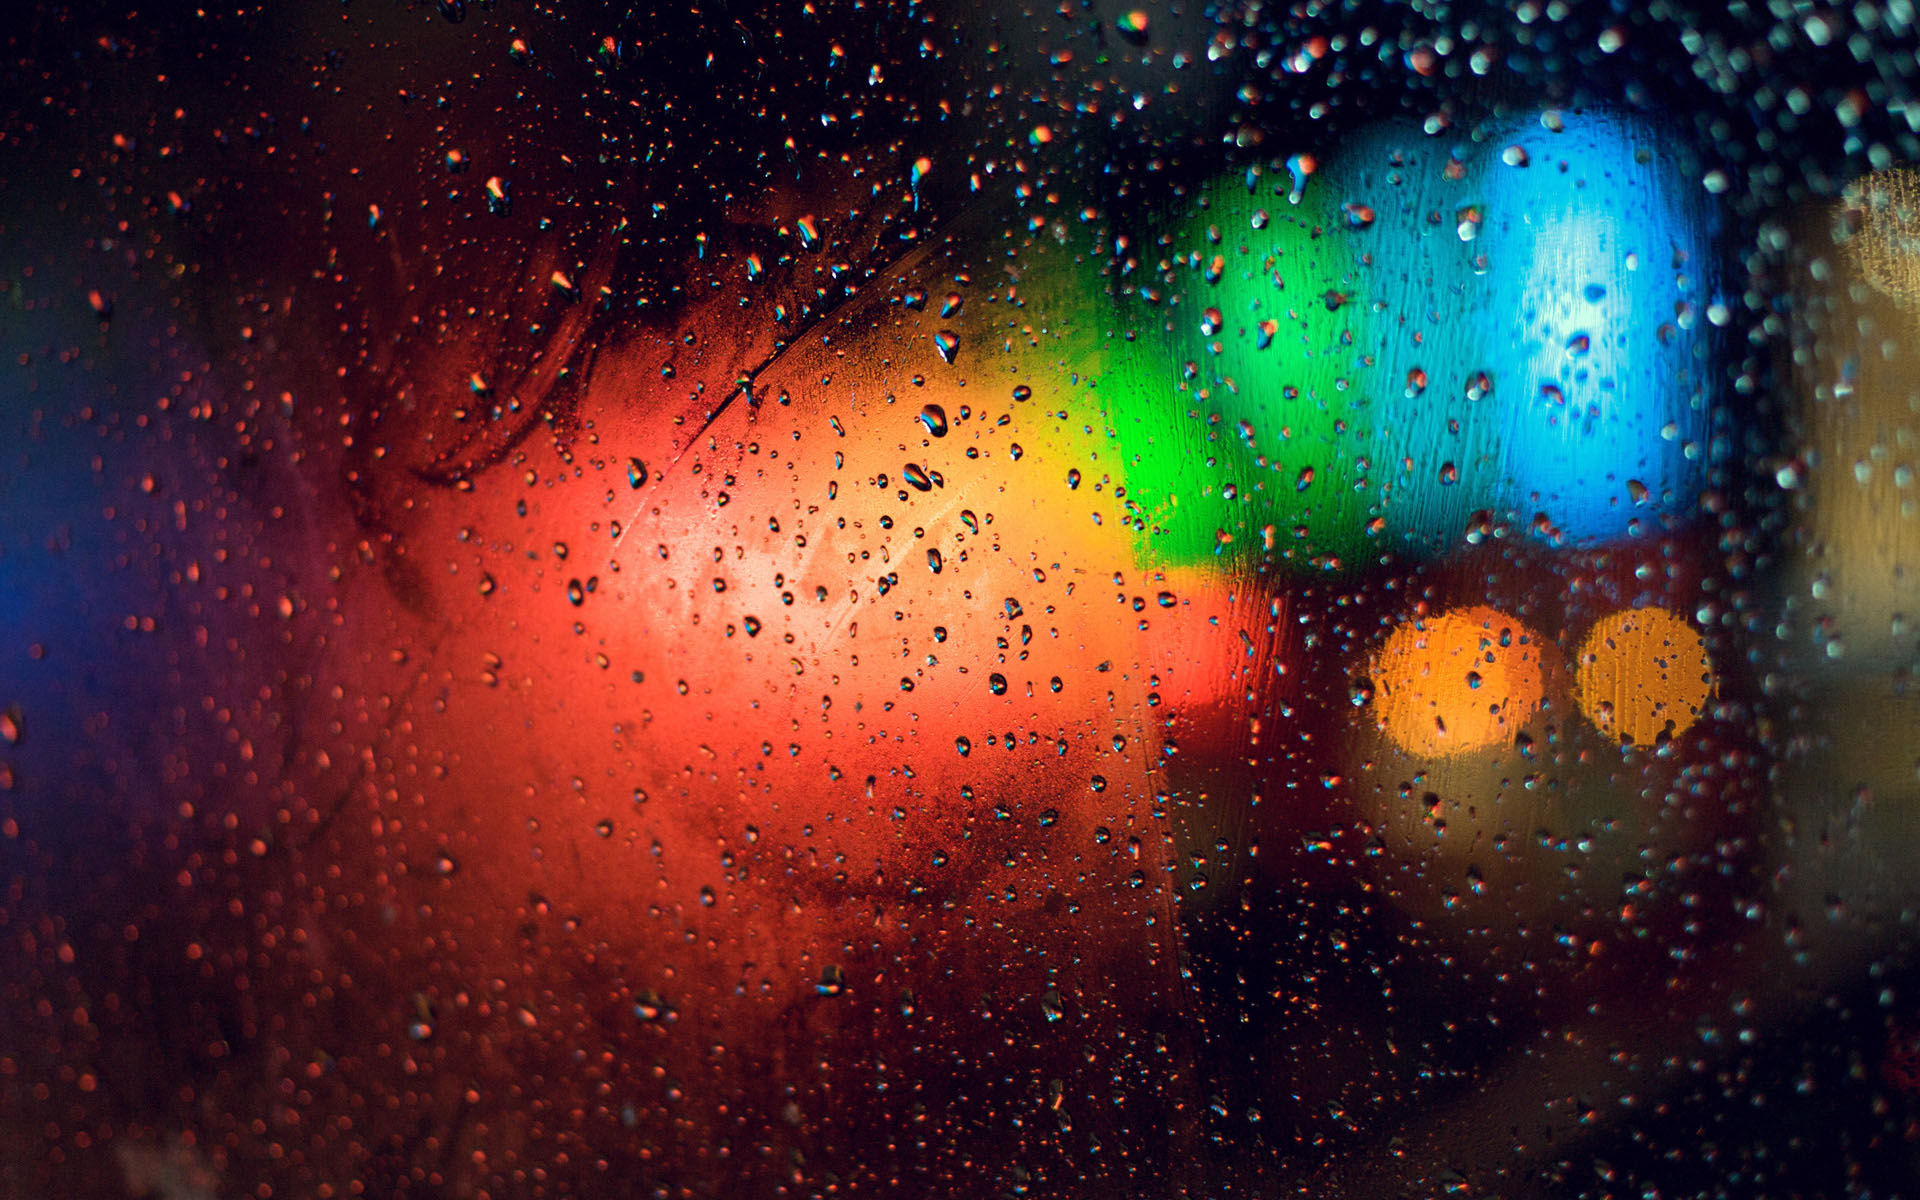 Картинки дождя для лд - f